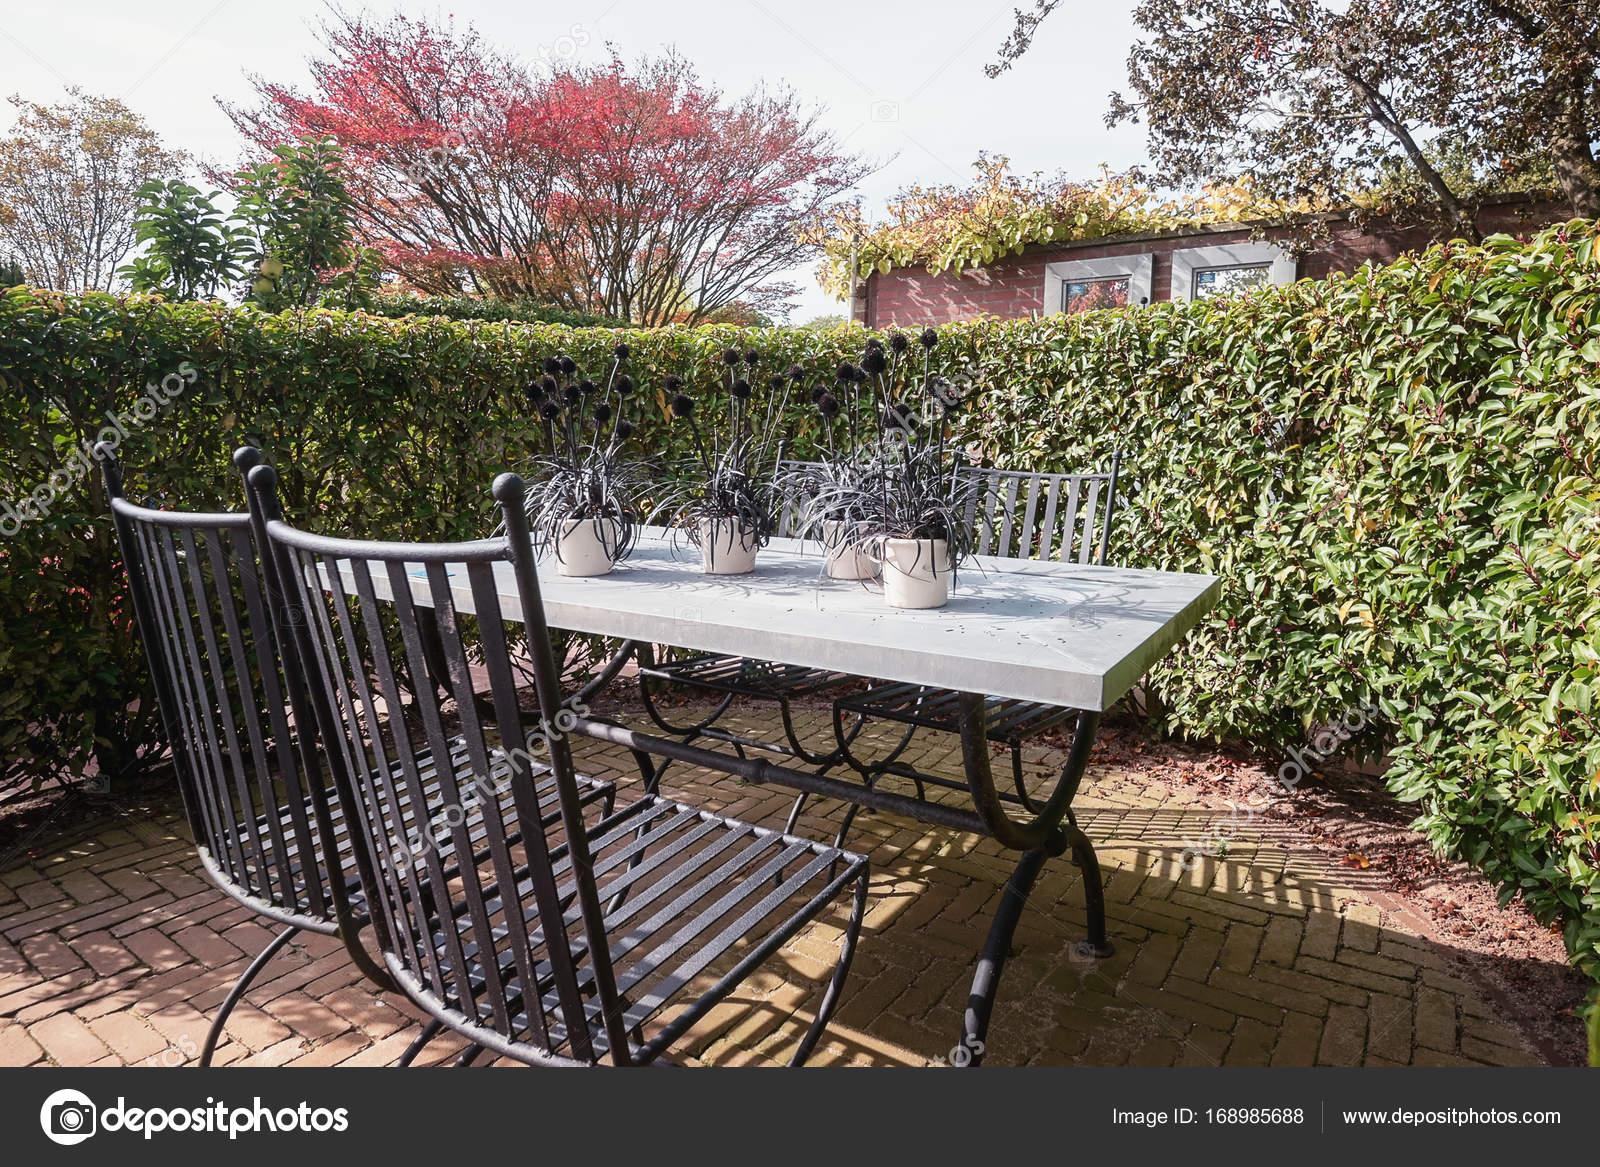 La table de jardin ensemble est décorée avec des blocs de bois sur ...